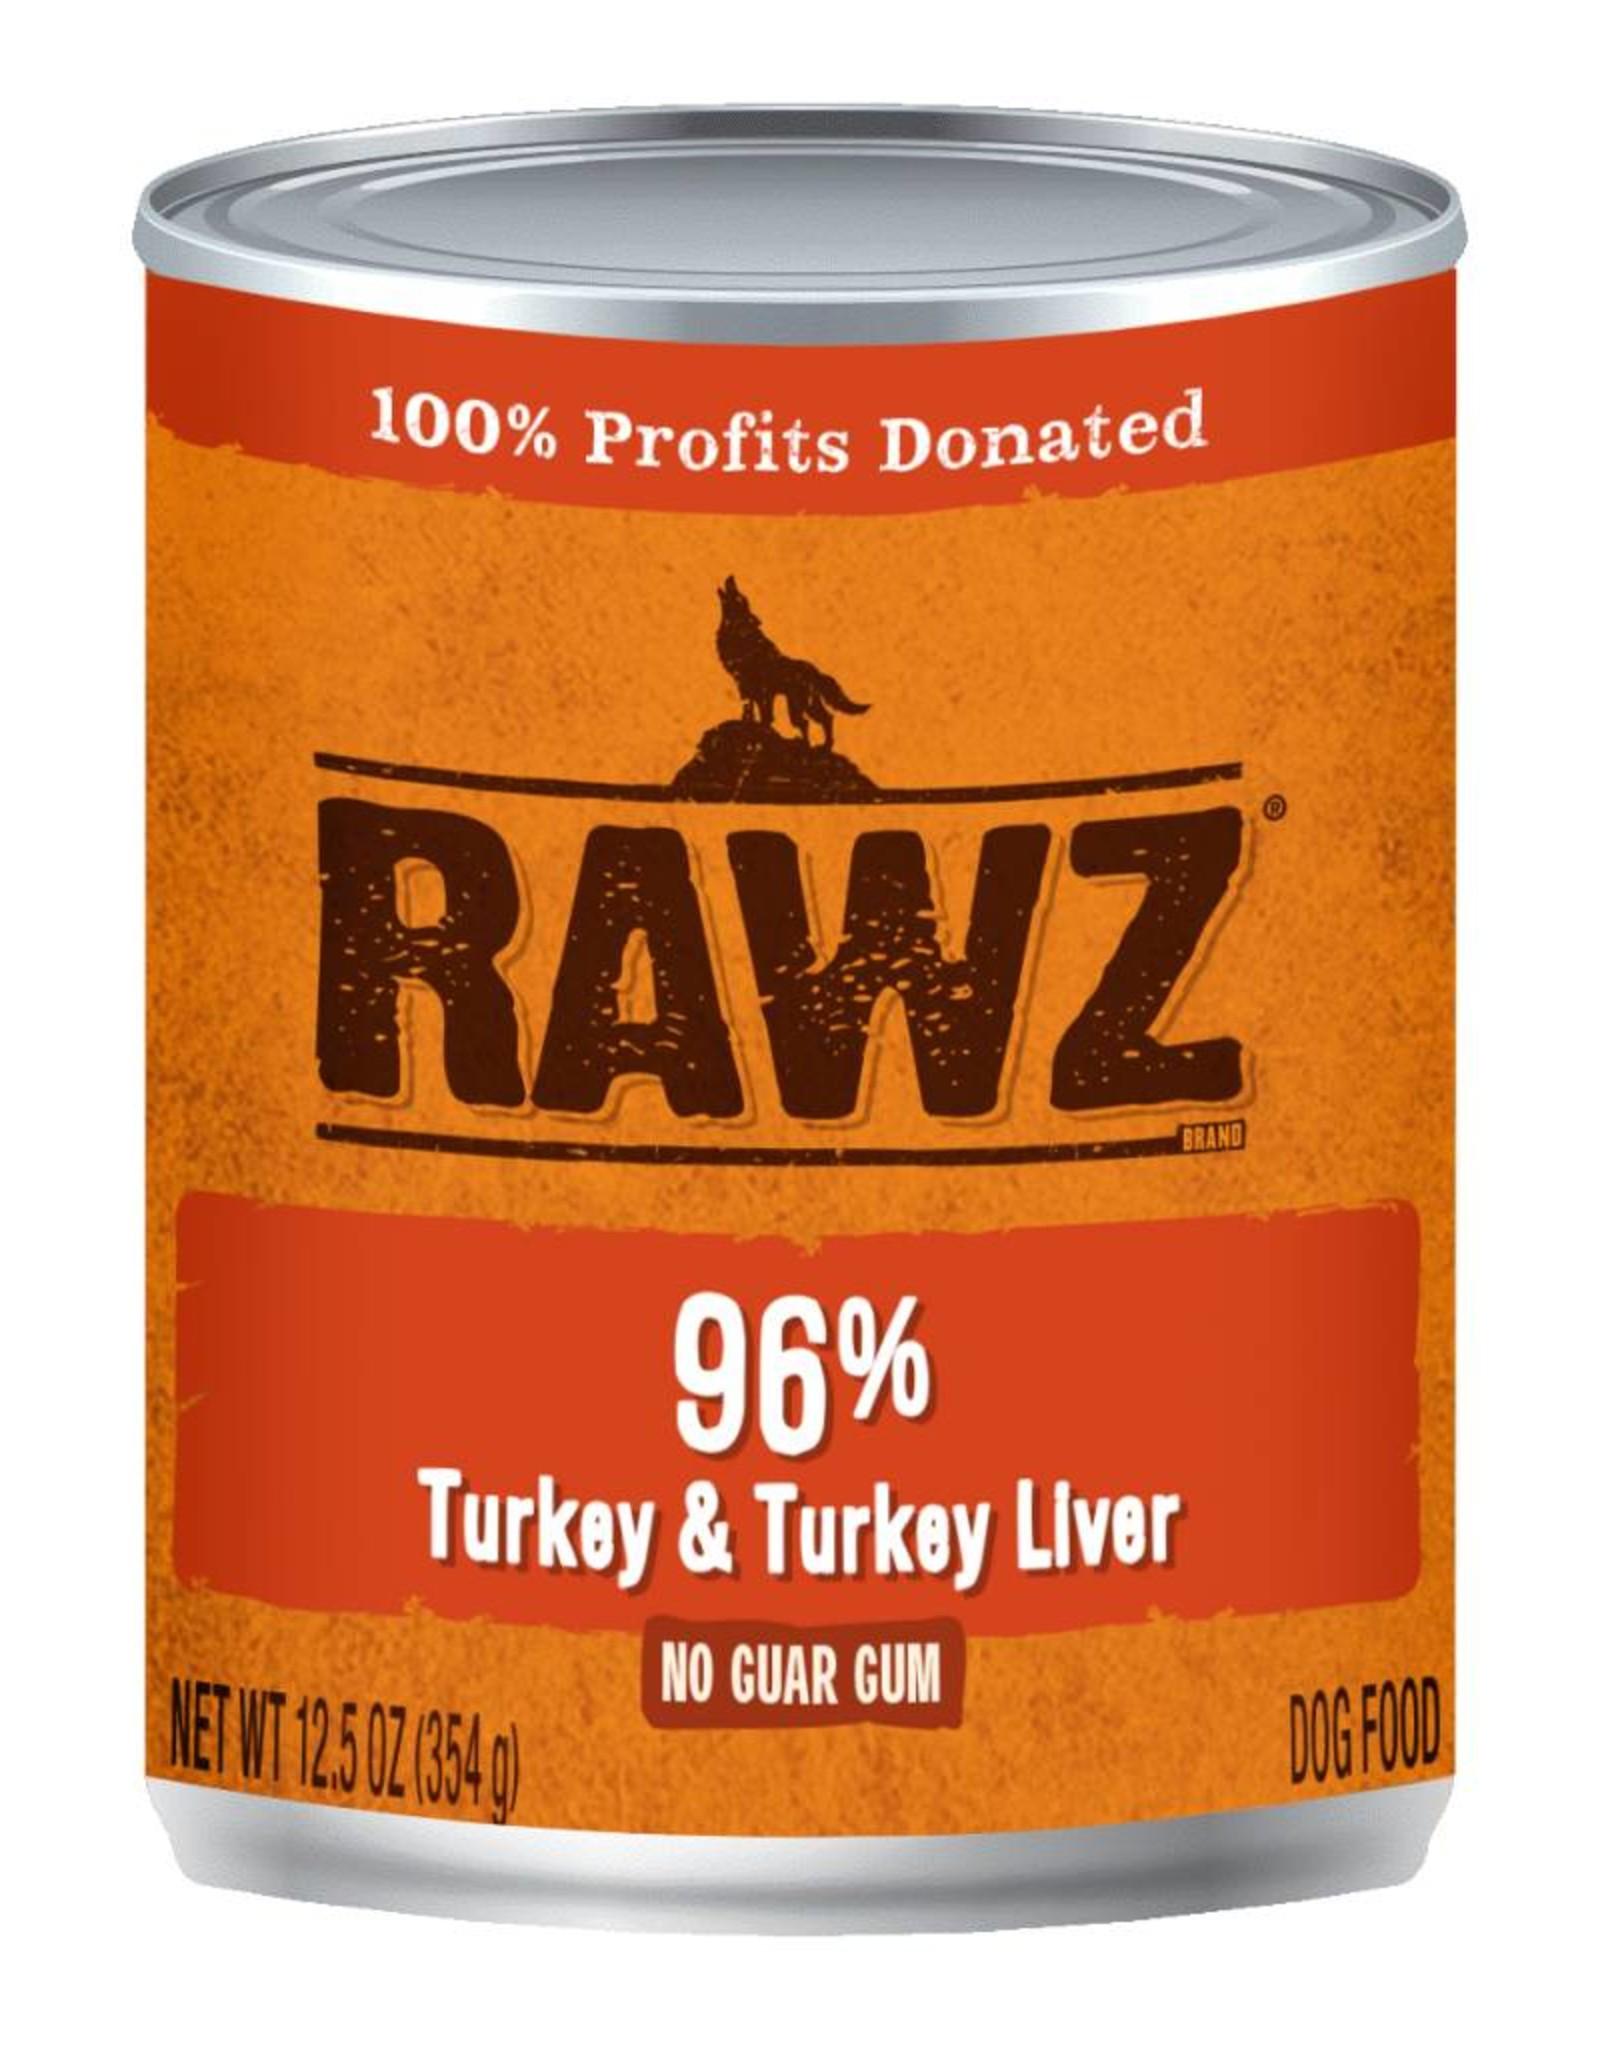 Rawz Rawz K9 96% Turkey & Turkey Liver Pate 12.5oz